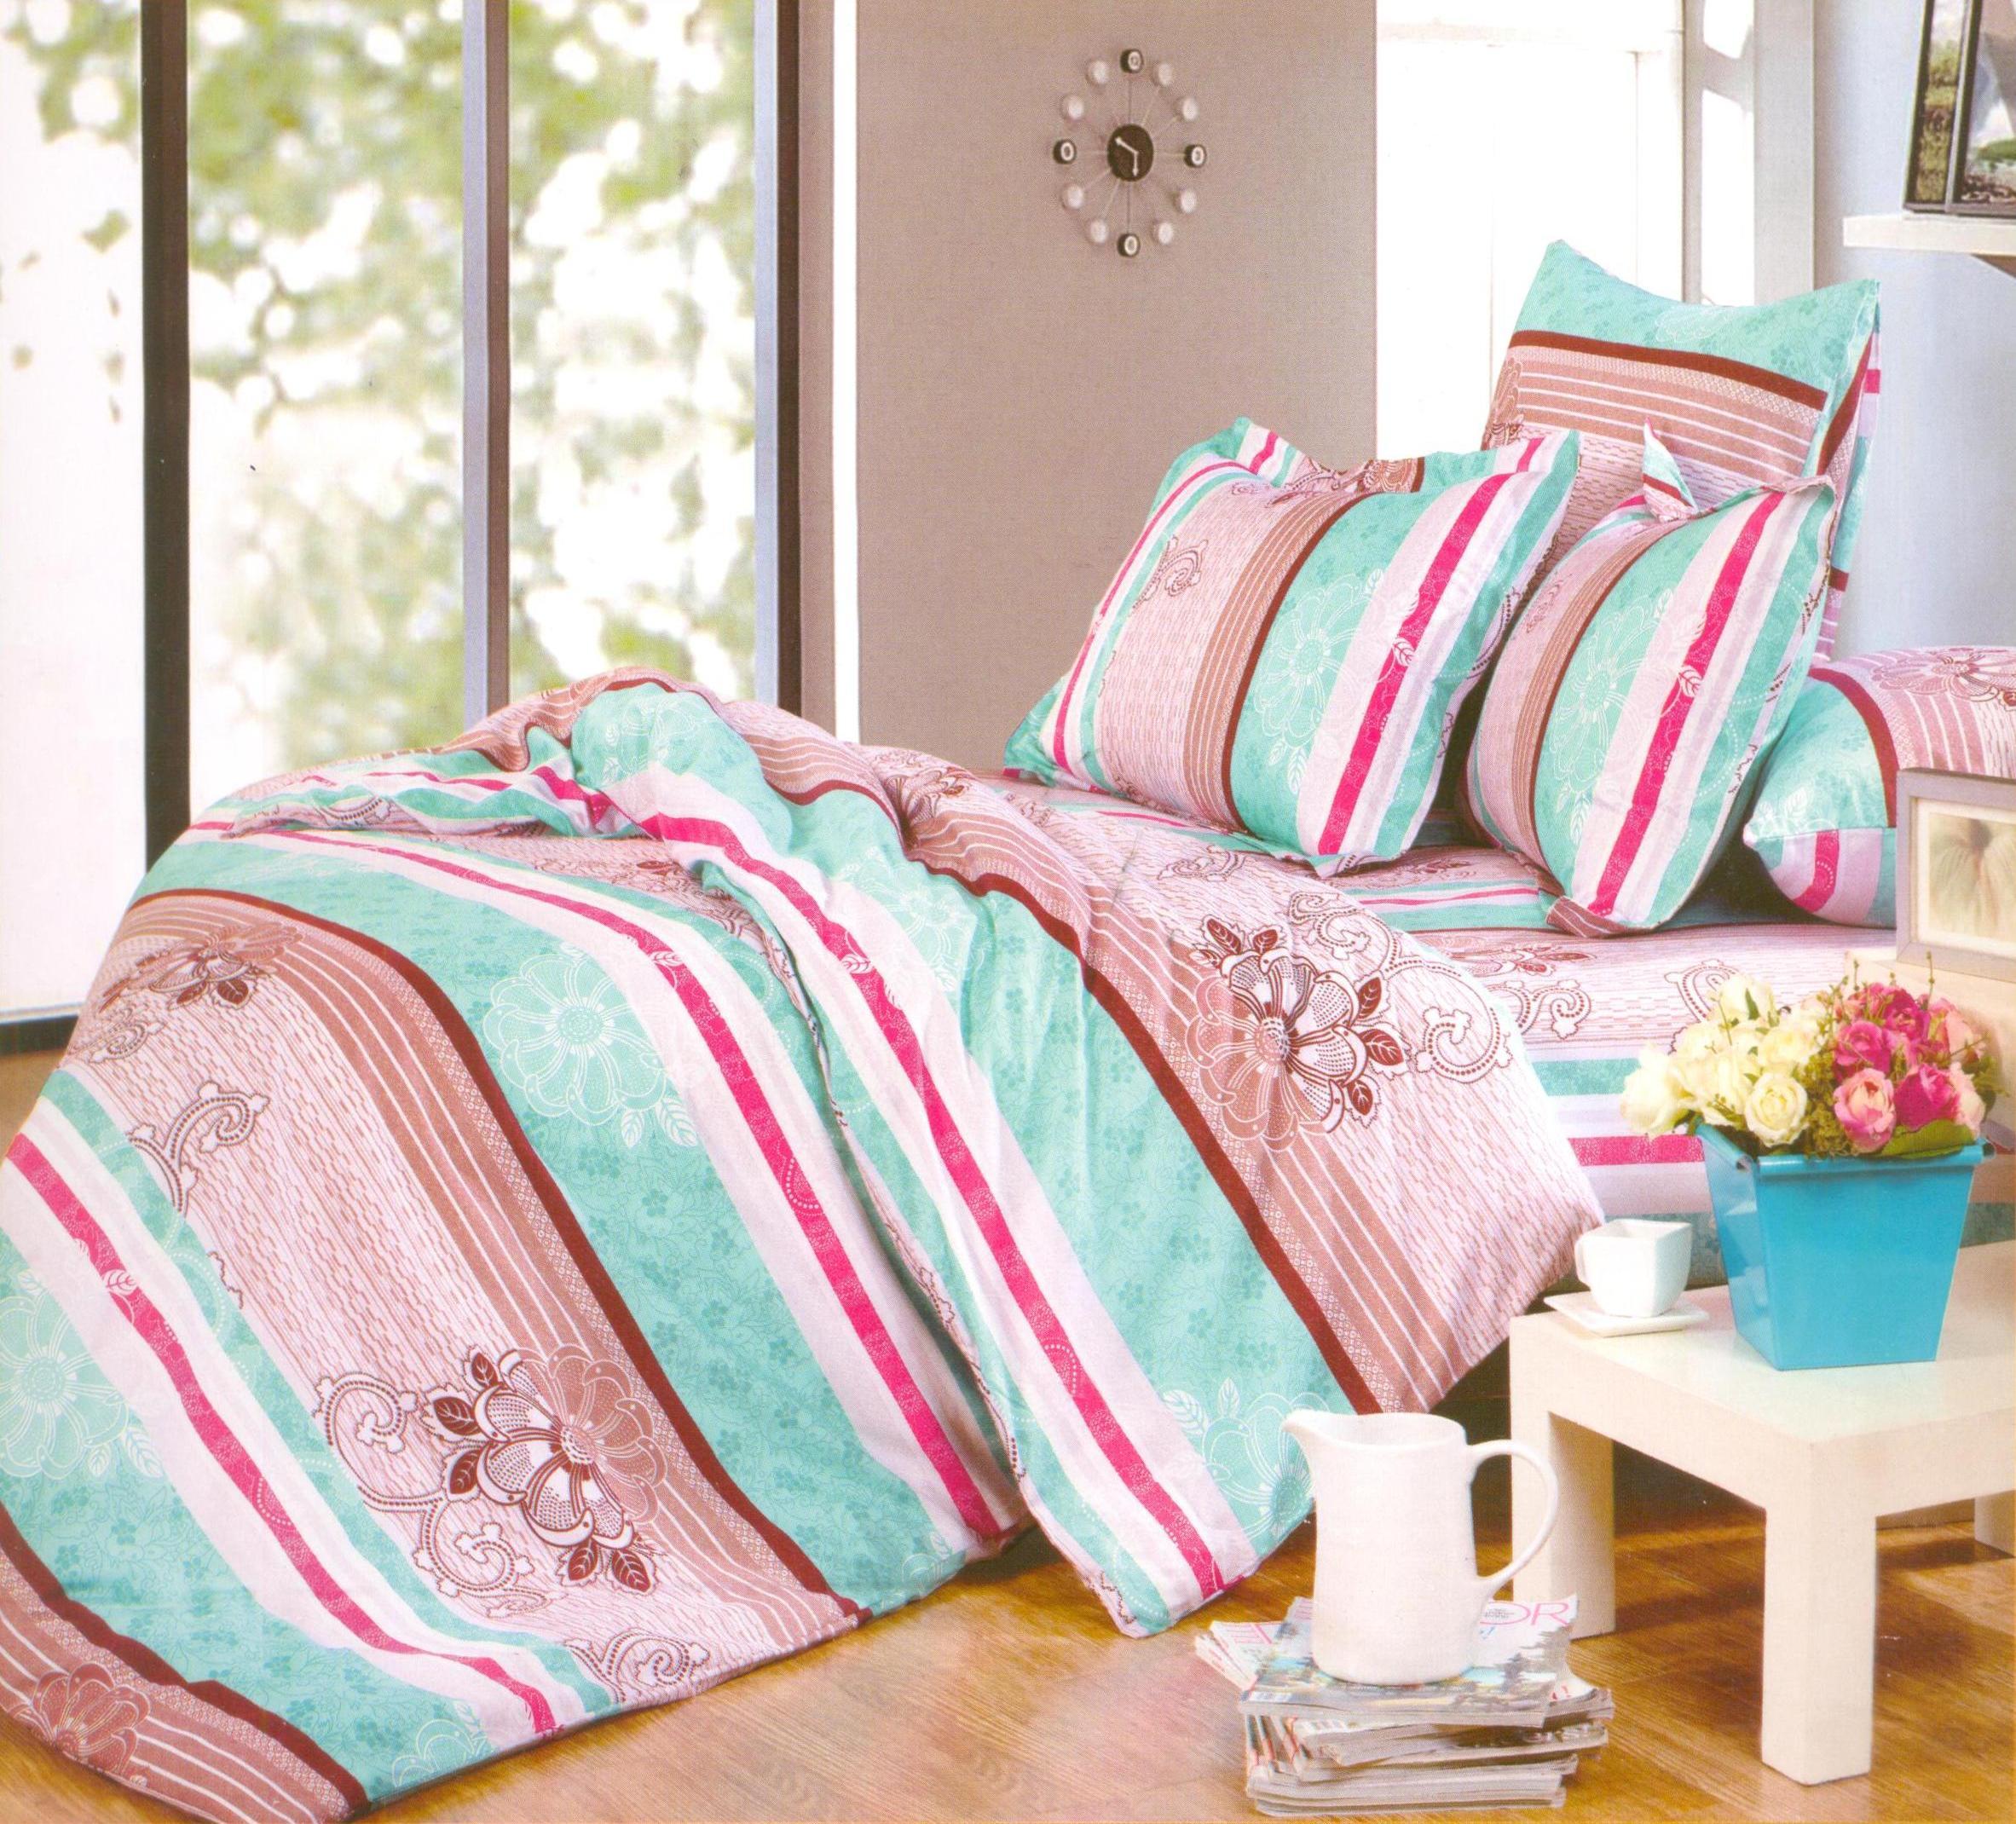 Купить Комплекты постельного белья СайлиД, Постельное белье Trust А/s-138 (2 сп. евро), Китай, Голубой, Коричневый, Поплин